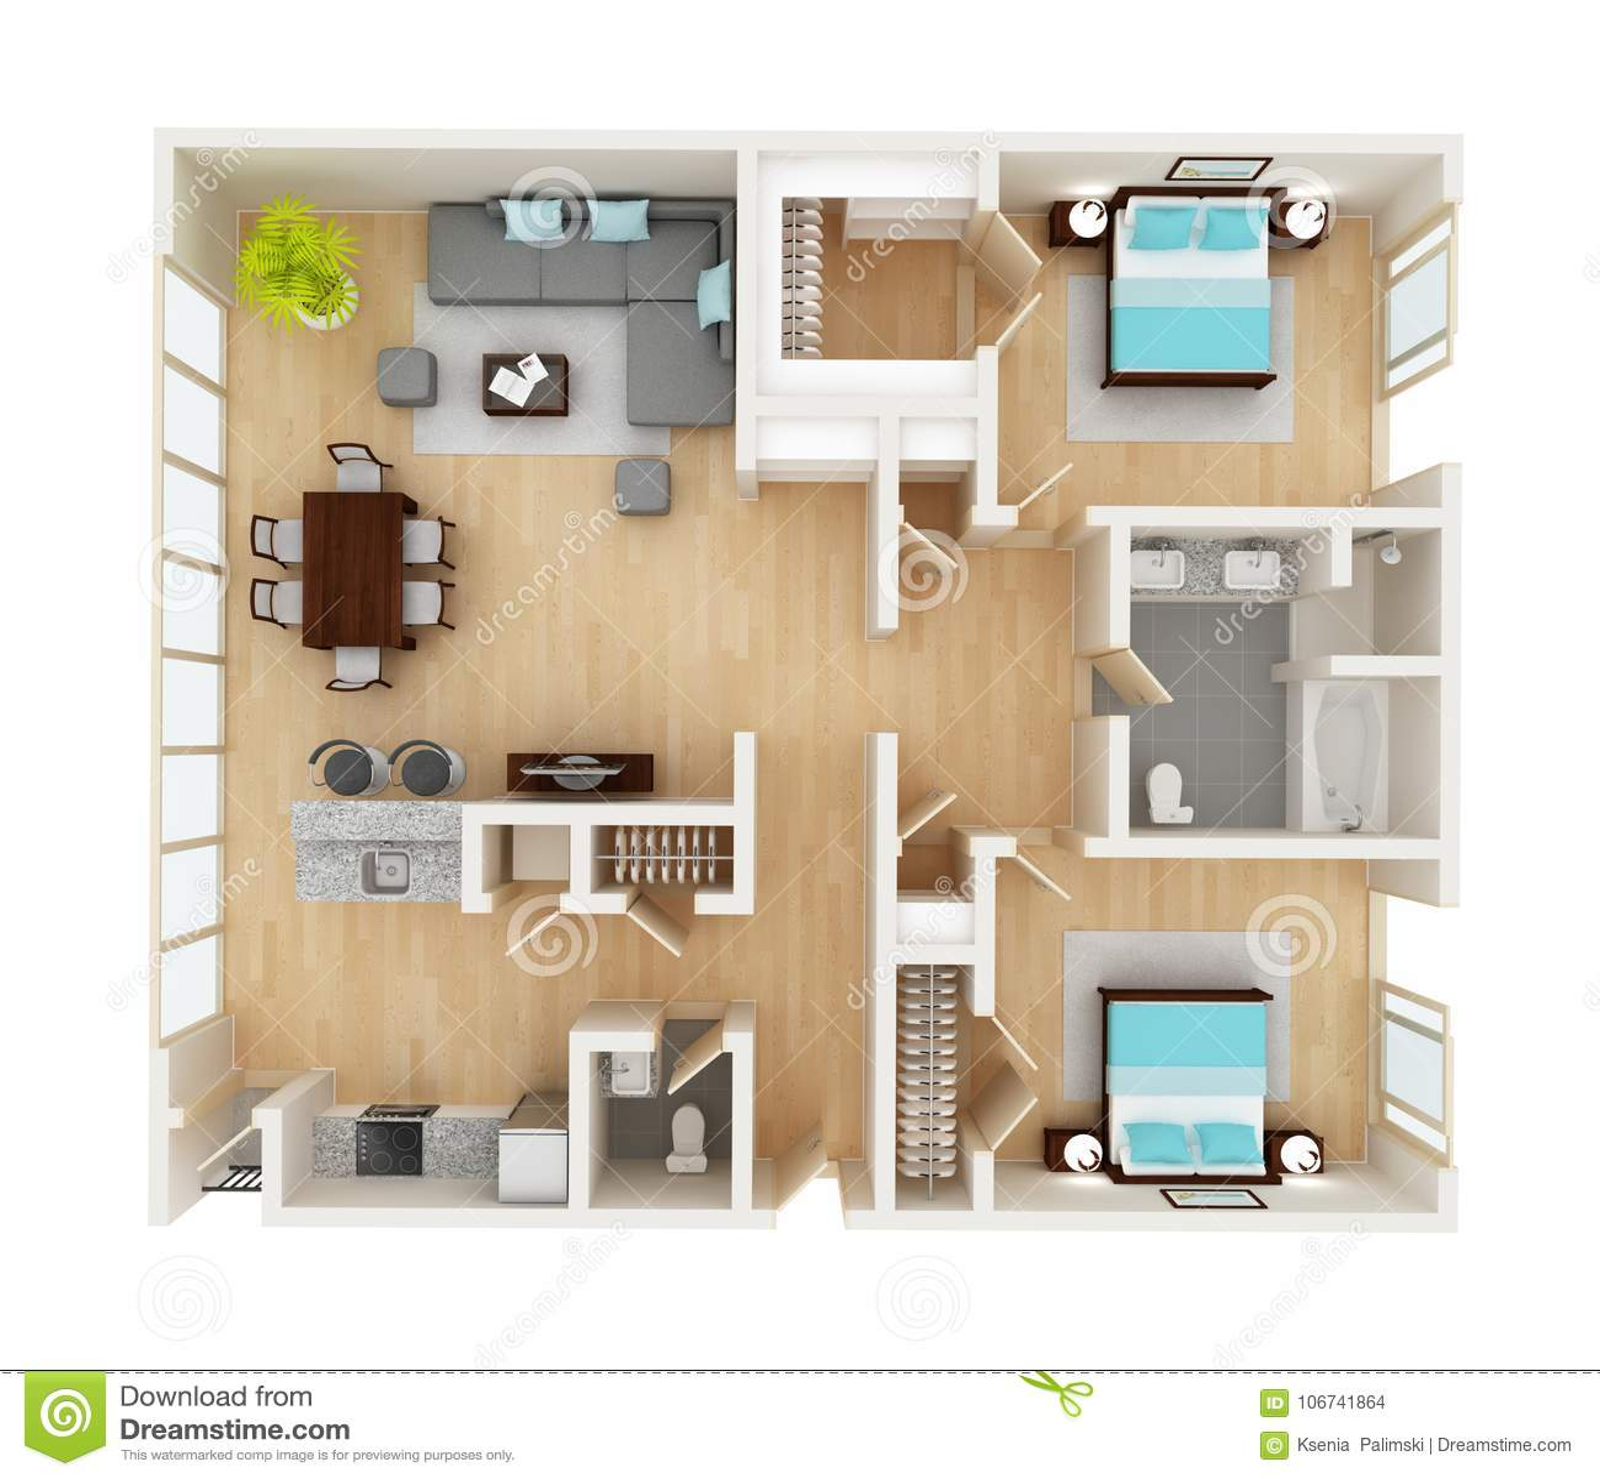 Plan D'étage D'une Vue Supérieure De Maison Illustration